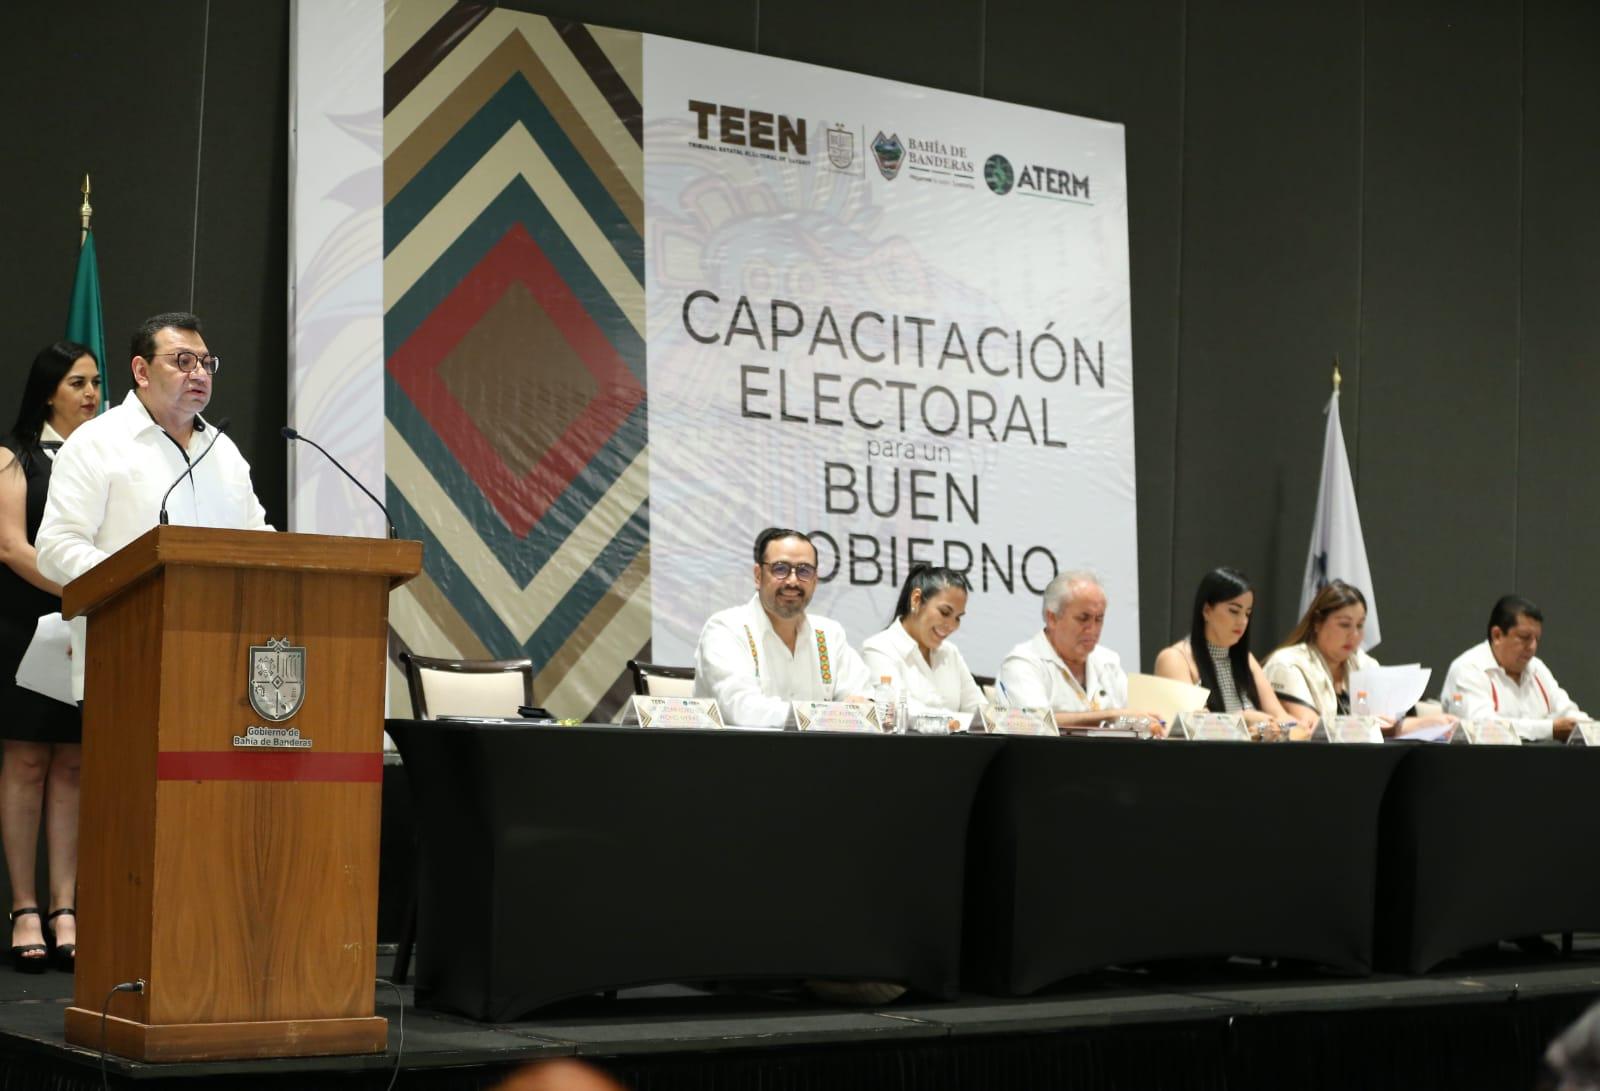 El TEPJF trabaja para consolidarse en un Tribunal abierto, cercano, incluyente y aliado de la sociedad: magistrado Fuentes Barrera<br />